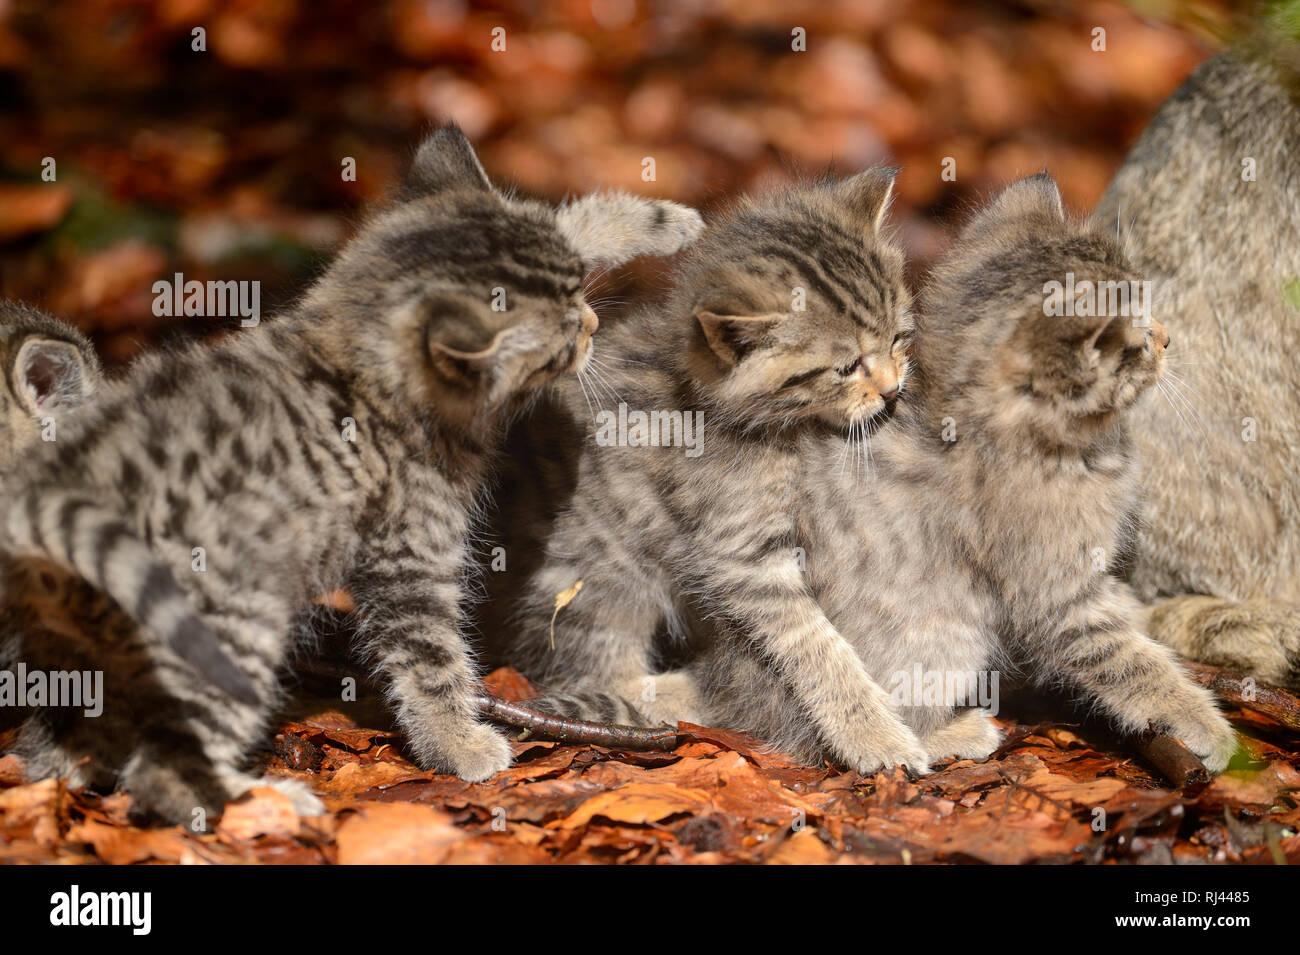 Europ?ische Wildkatzen, Felis silvestris silvestris, Jungtiere, seitlich - Stock Image